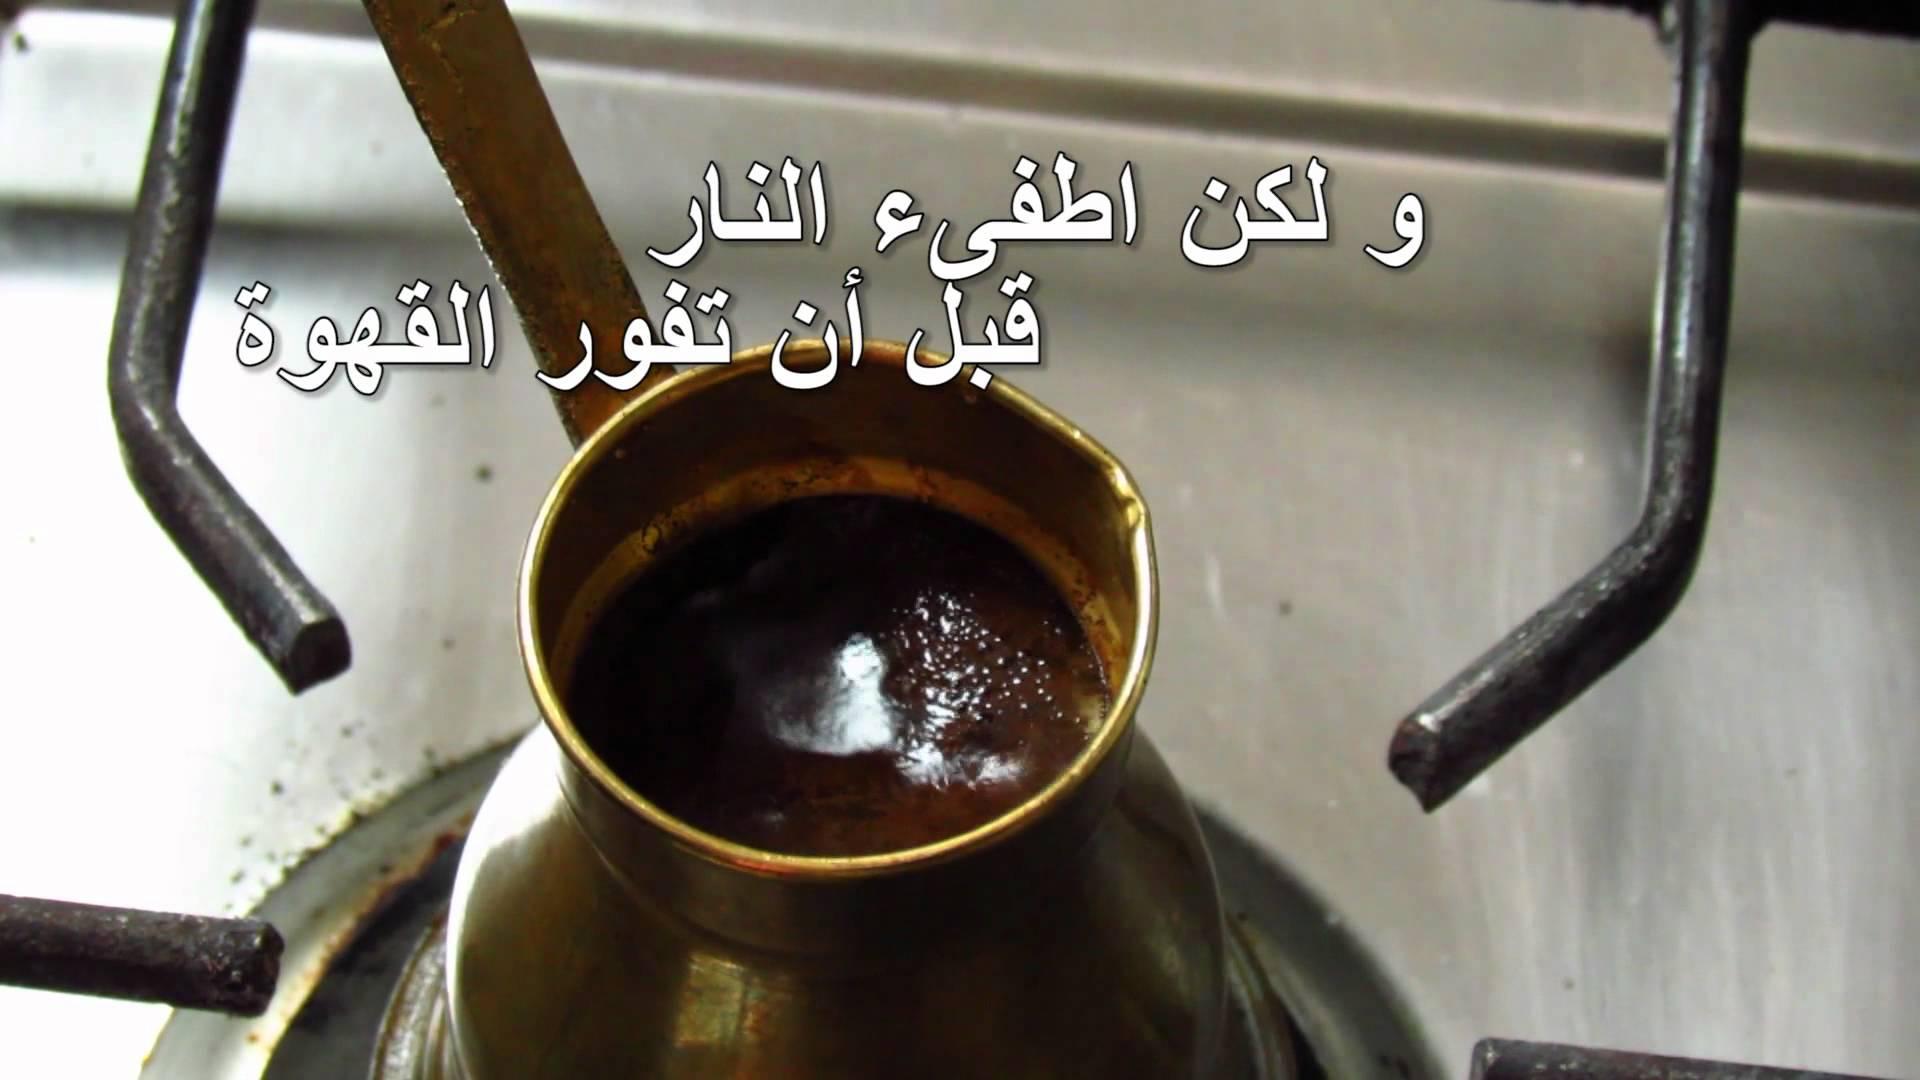 بالصور طريقة عمل القهوة الزيادة 20160624 1848